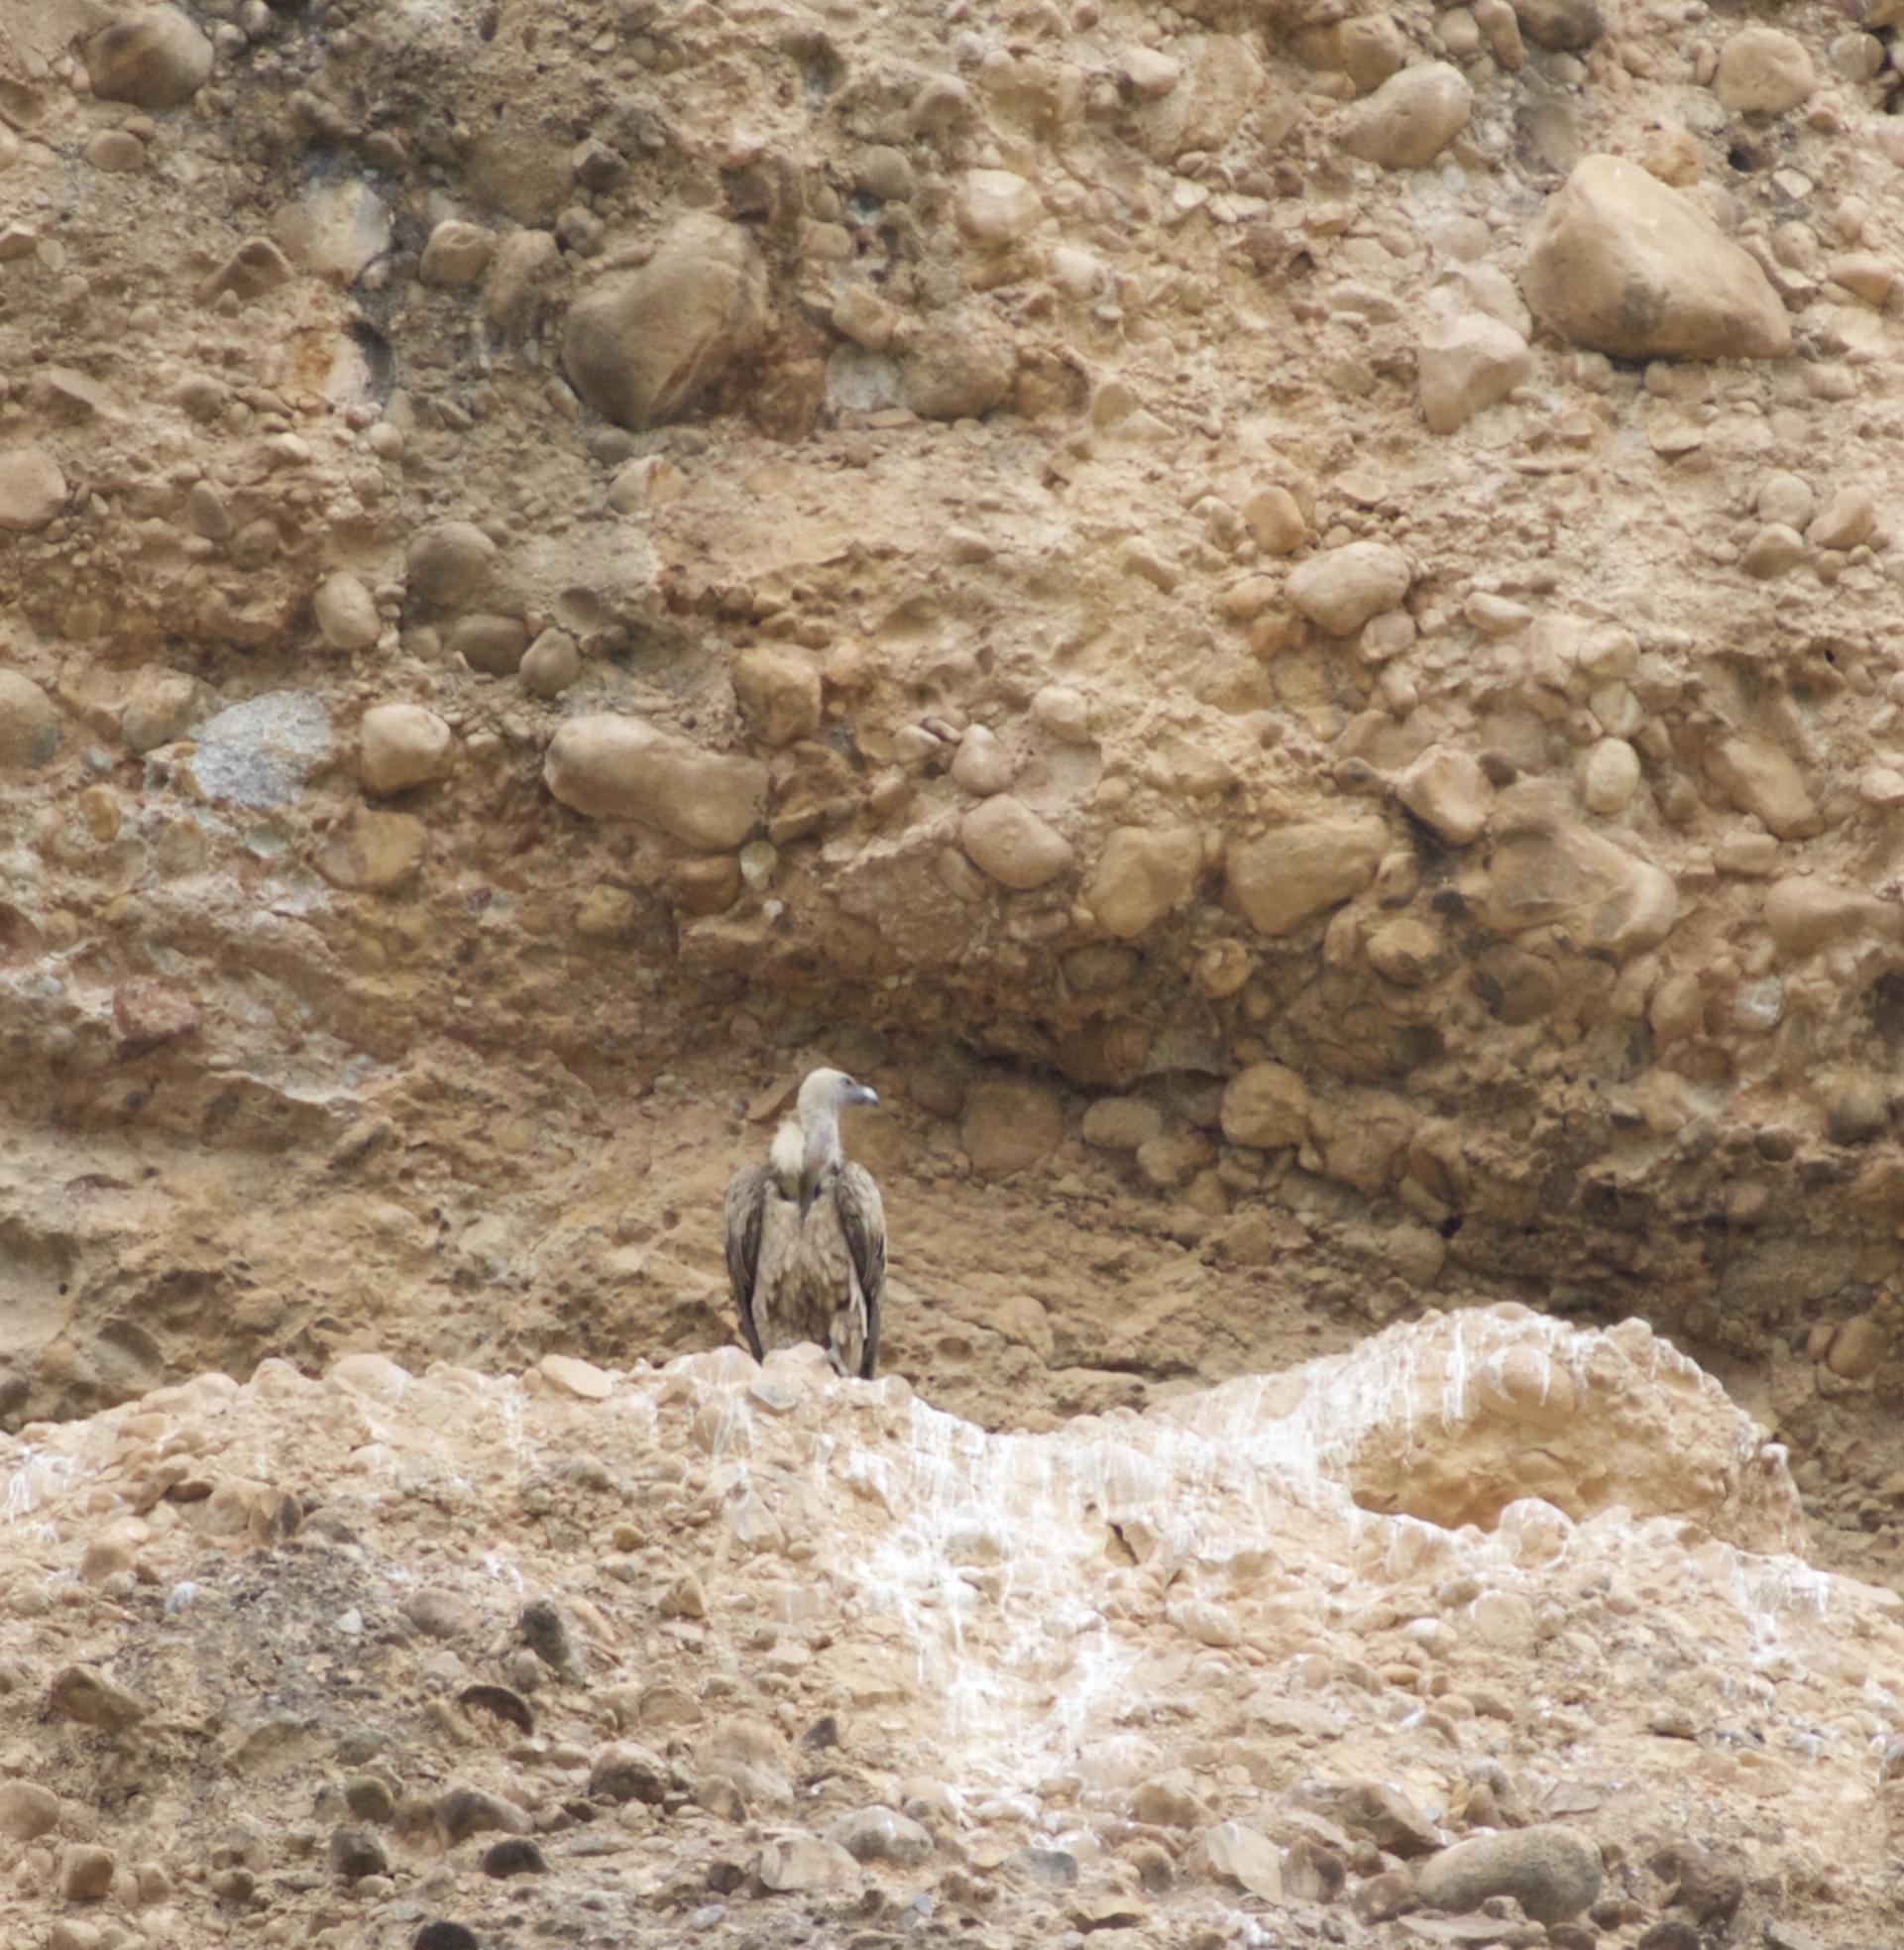 Geier Vögel in den spanischen Pyrenäen